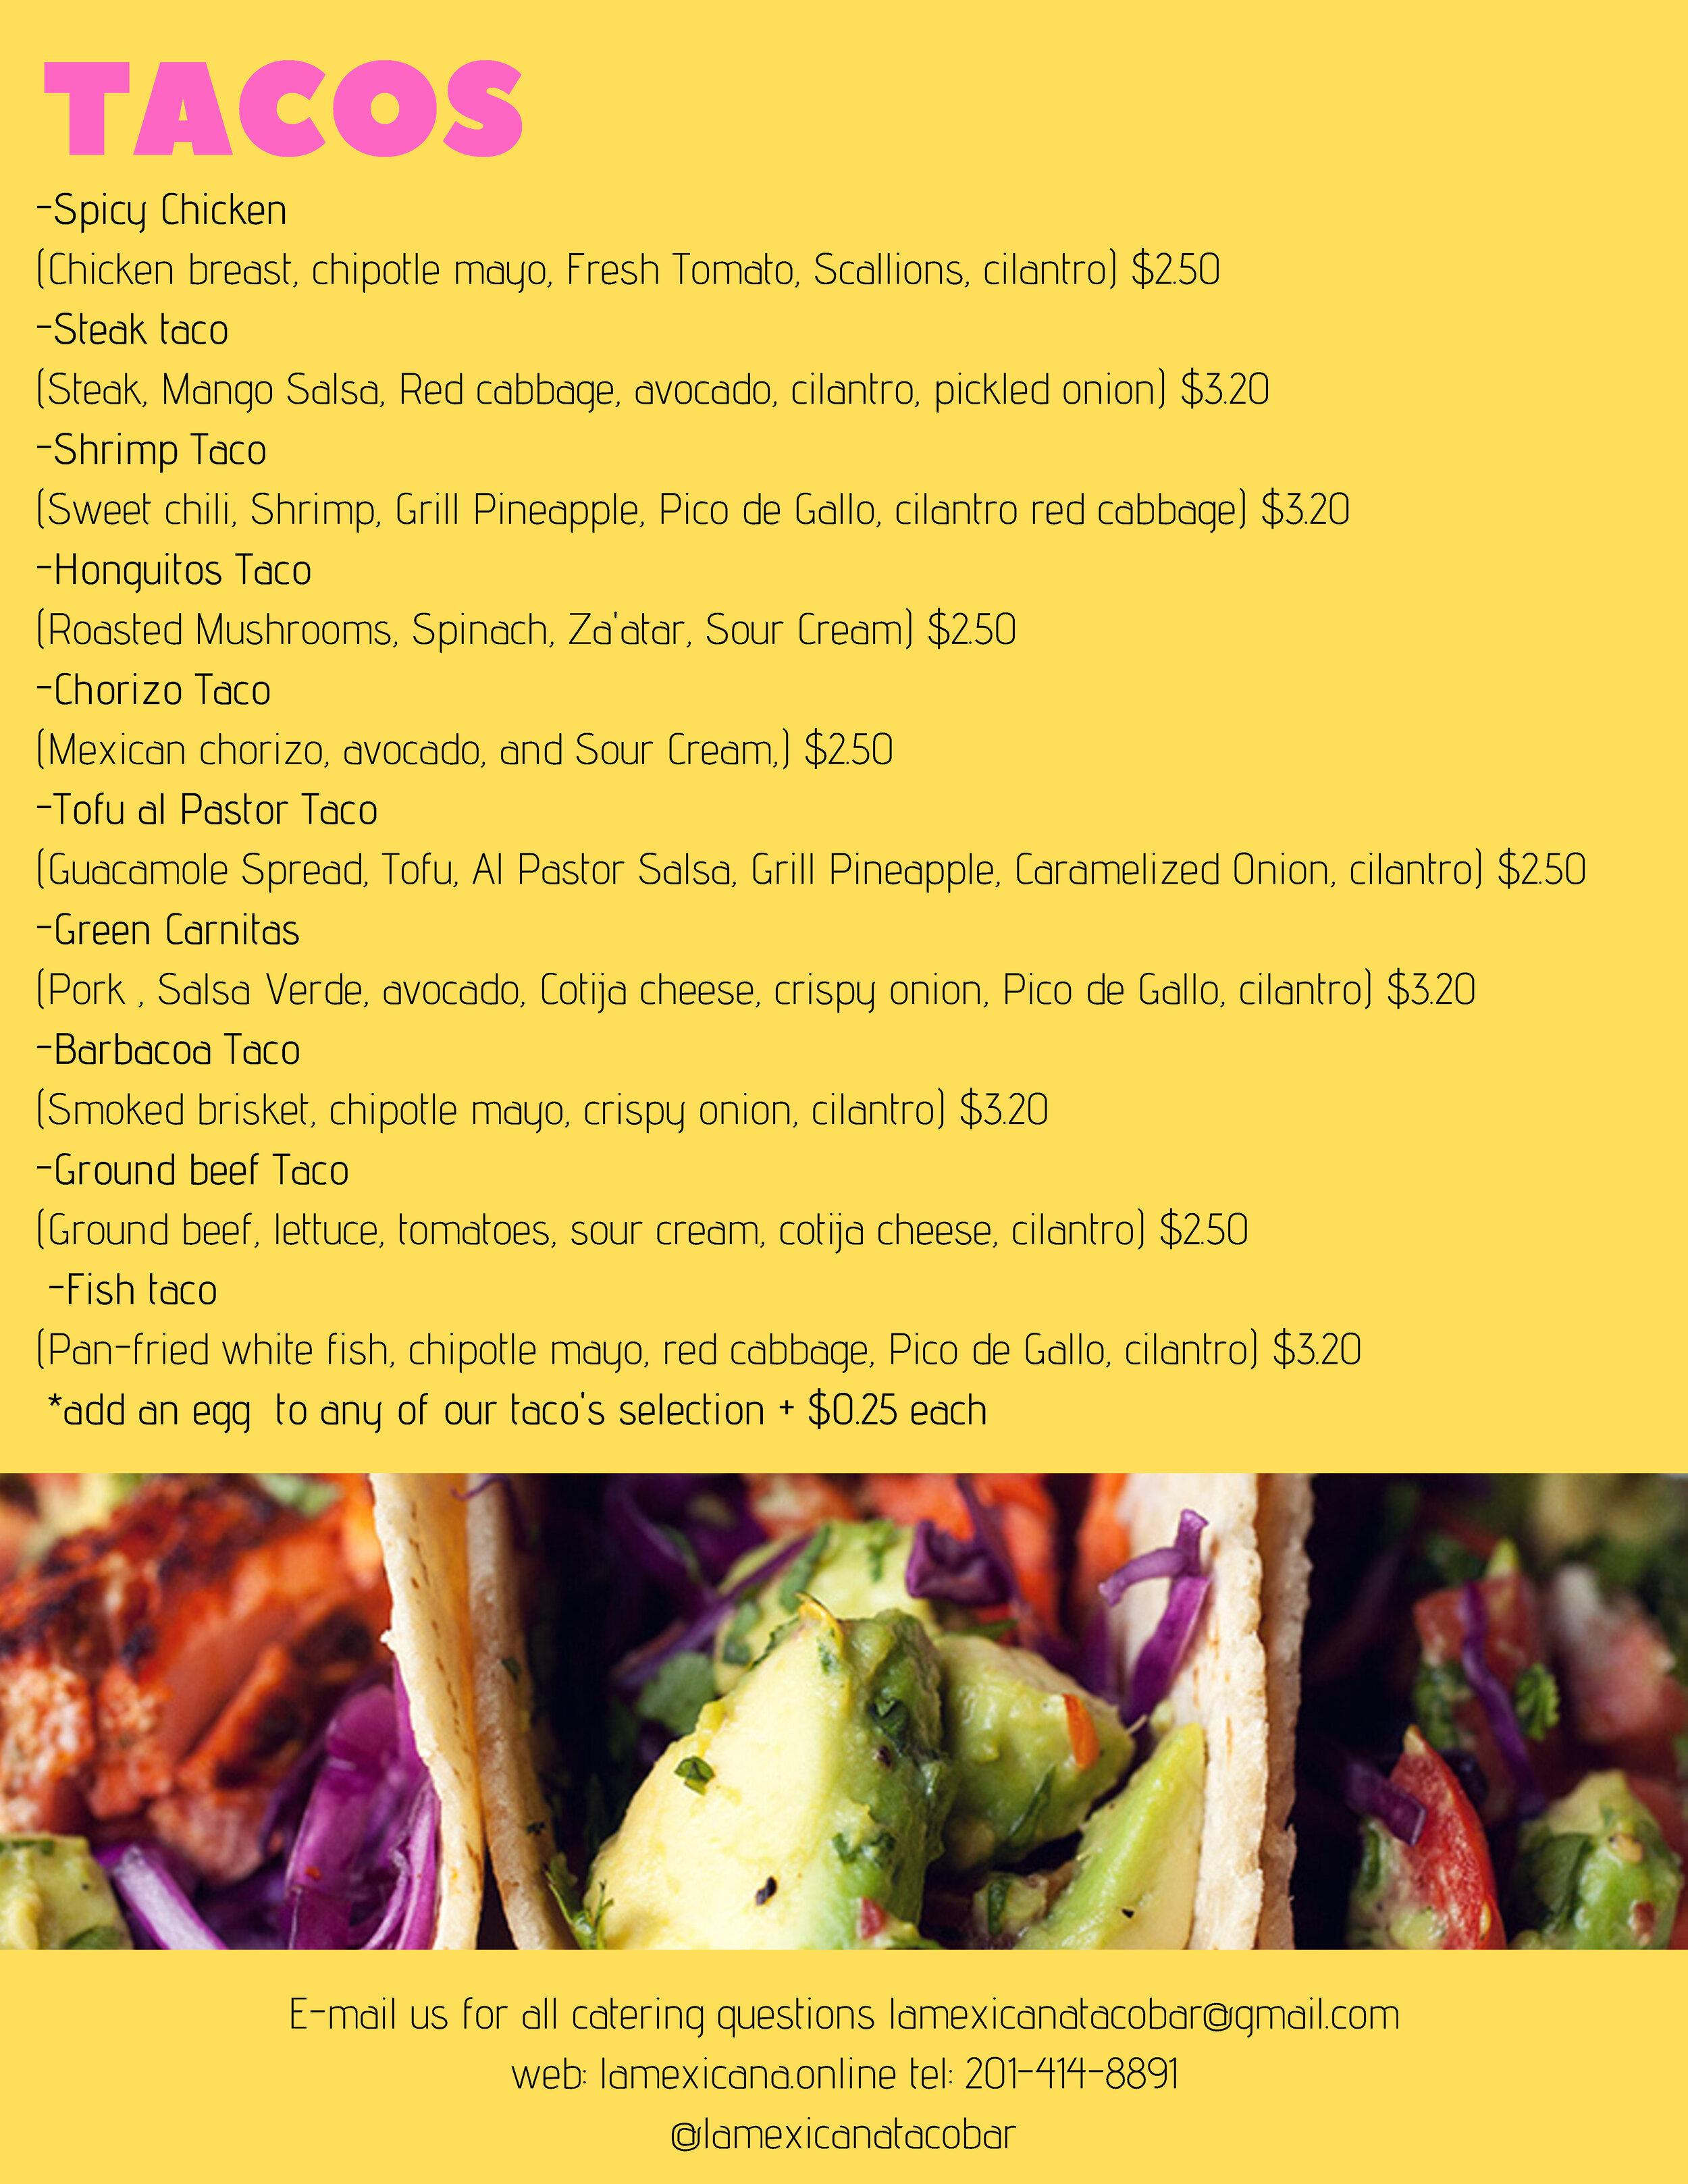 catering-menu-fortlauderdale-4.jpg